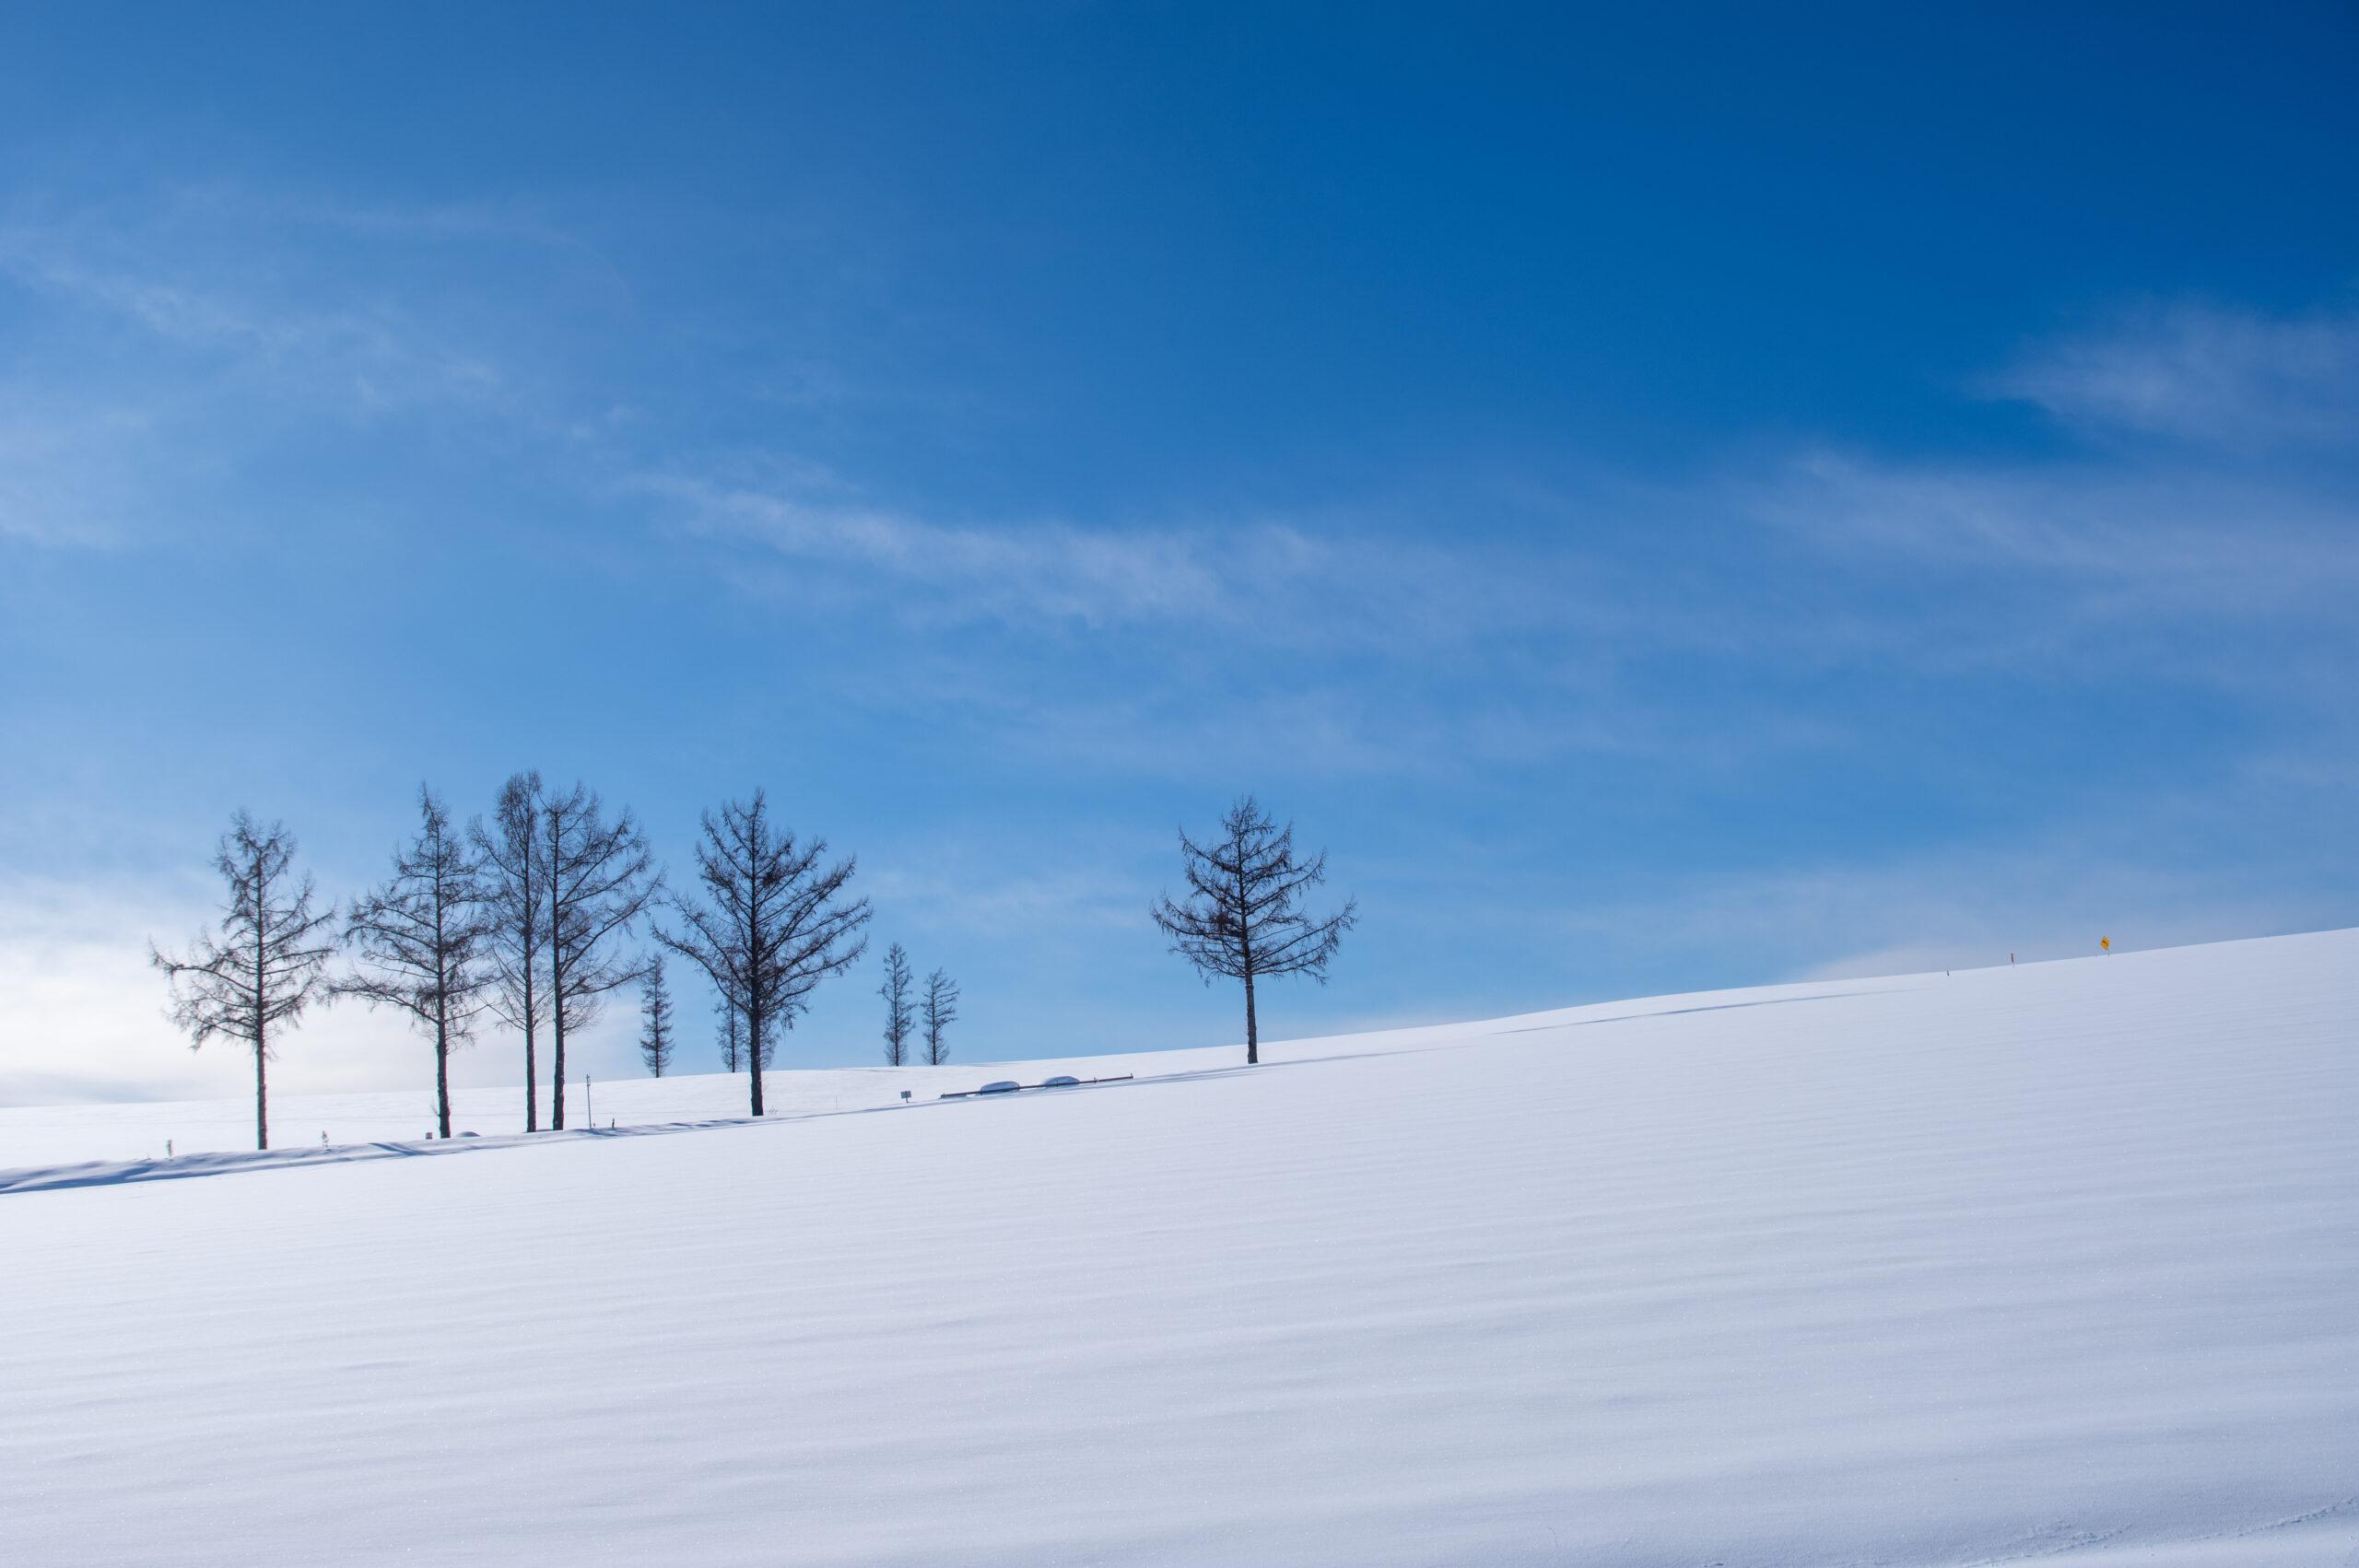 北海道の雪景色を見たければここに行こう!美瑛町への行き方!